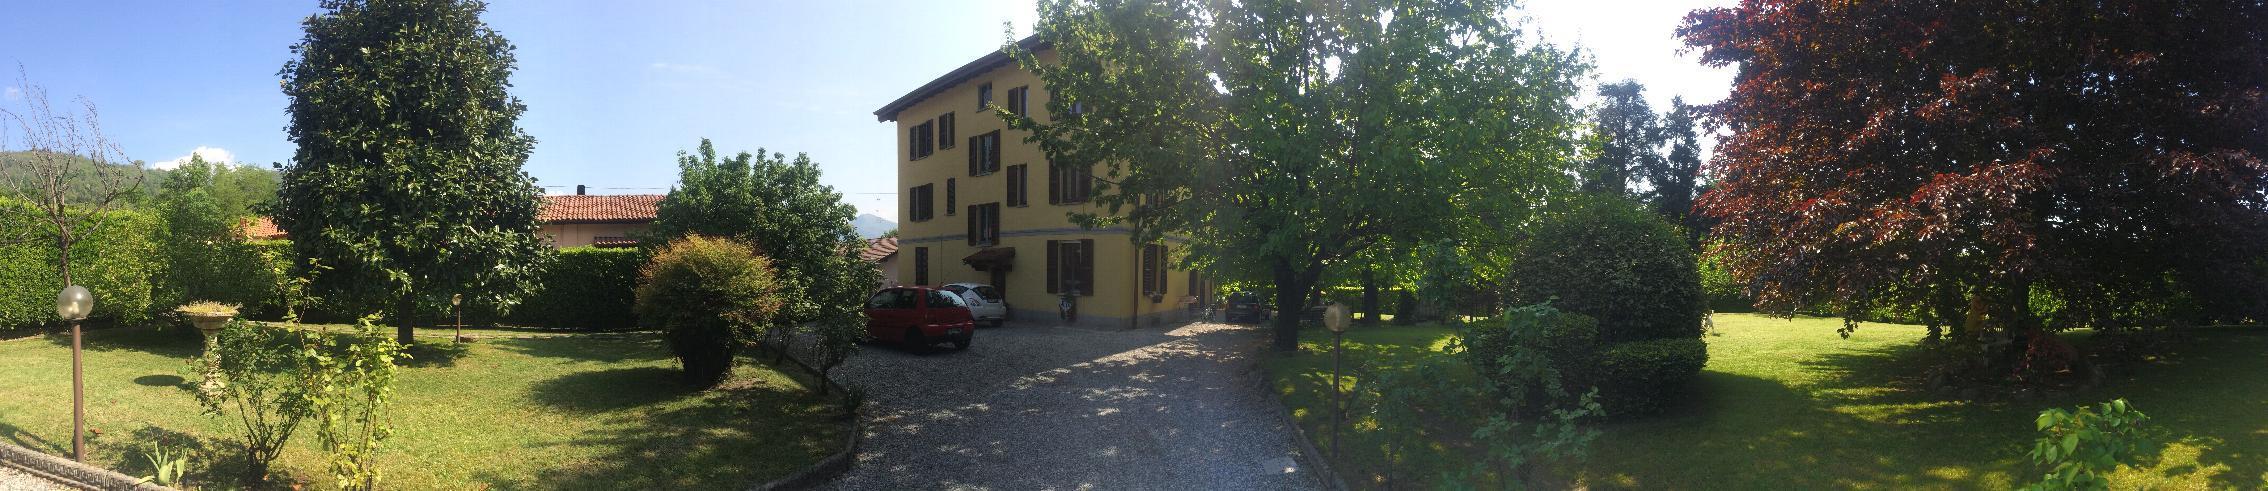 Villa in Vendita a Erba: 5 locali, 600 mq